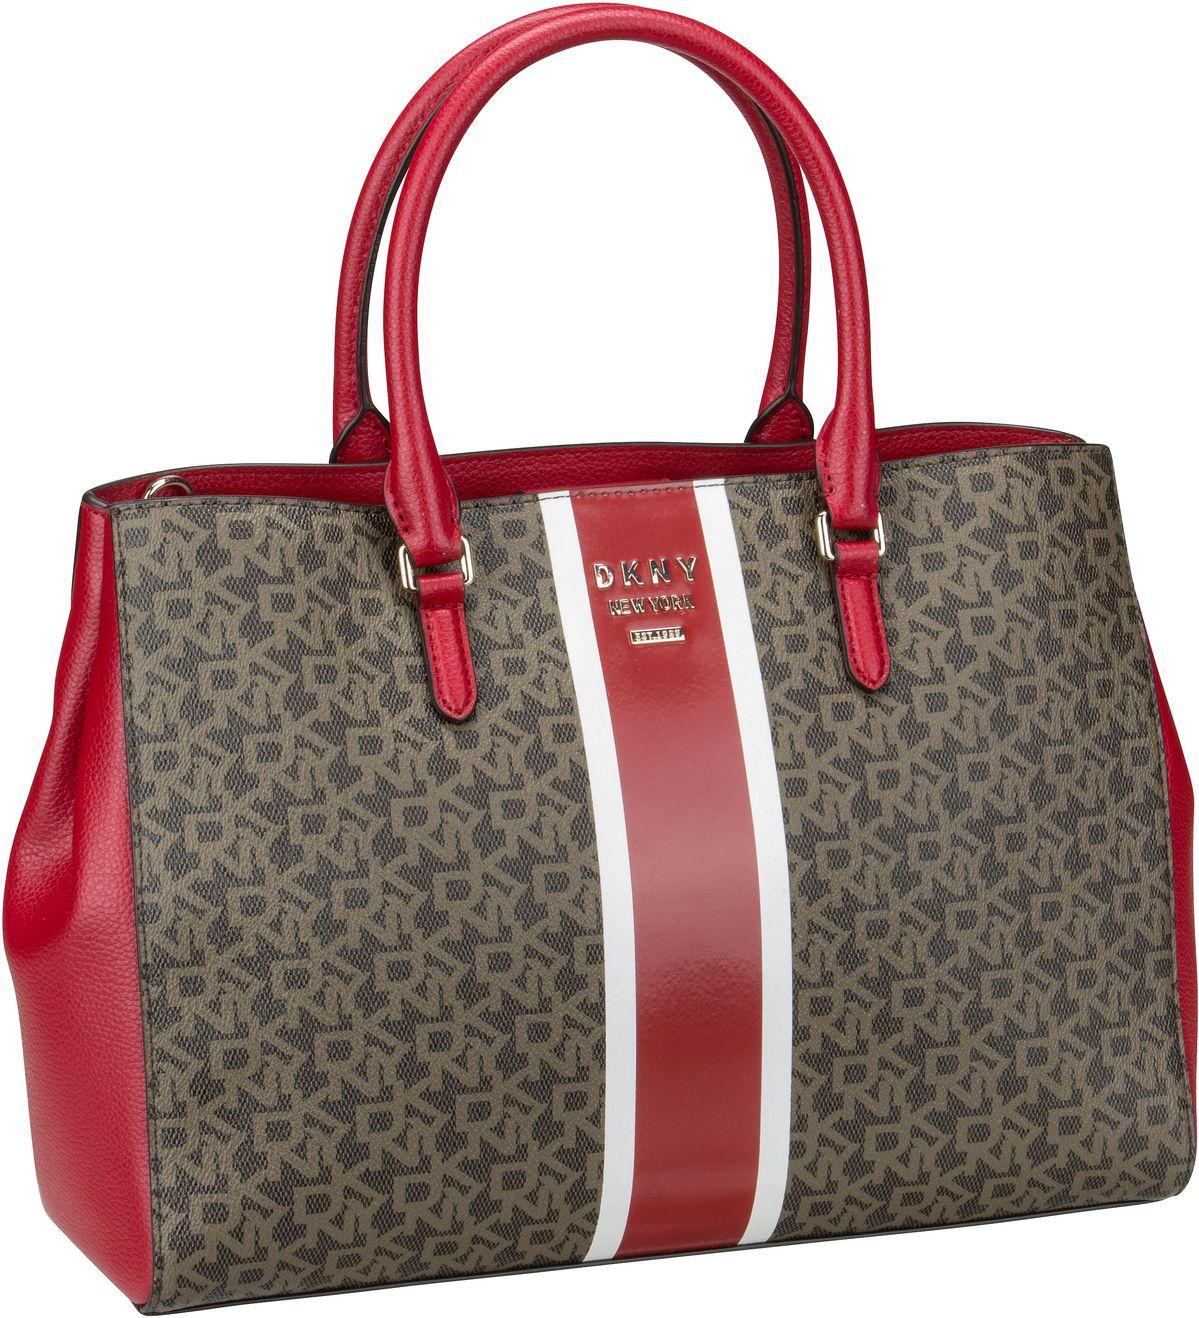 Shopper - DKNY Shopper Whitney Logo Stripe EW Tote Mocha Bright Red  - Onlineshop Taschenkaufhaus